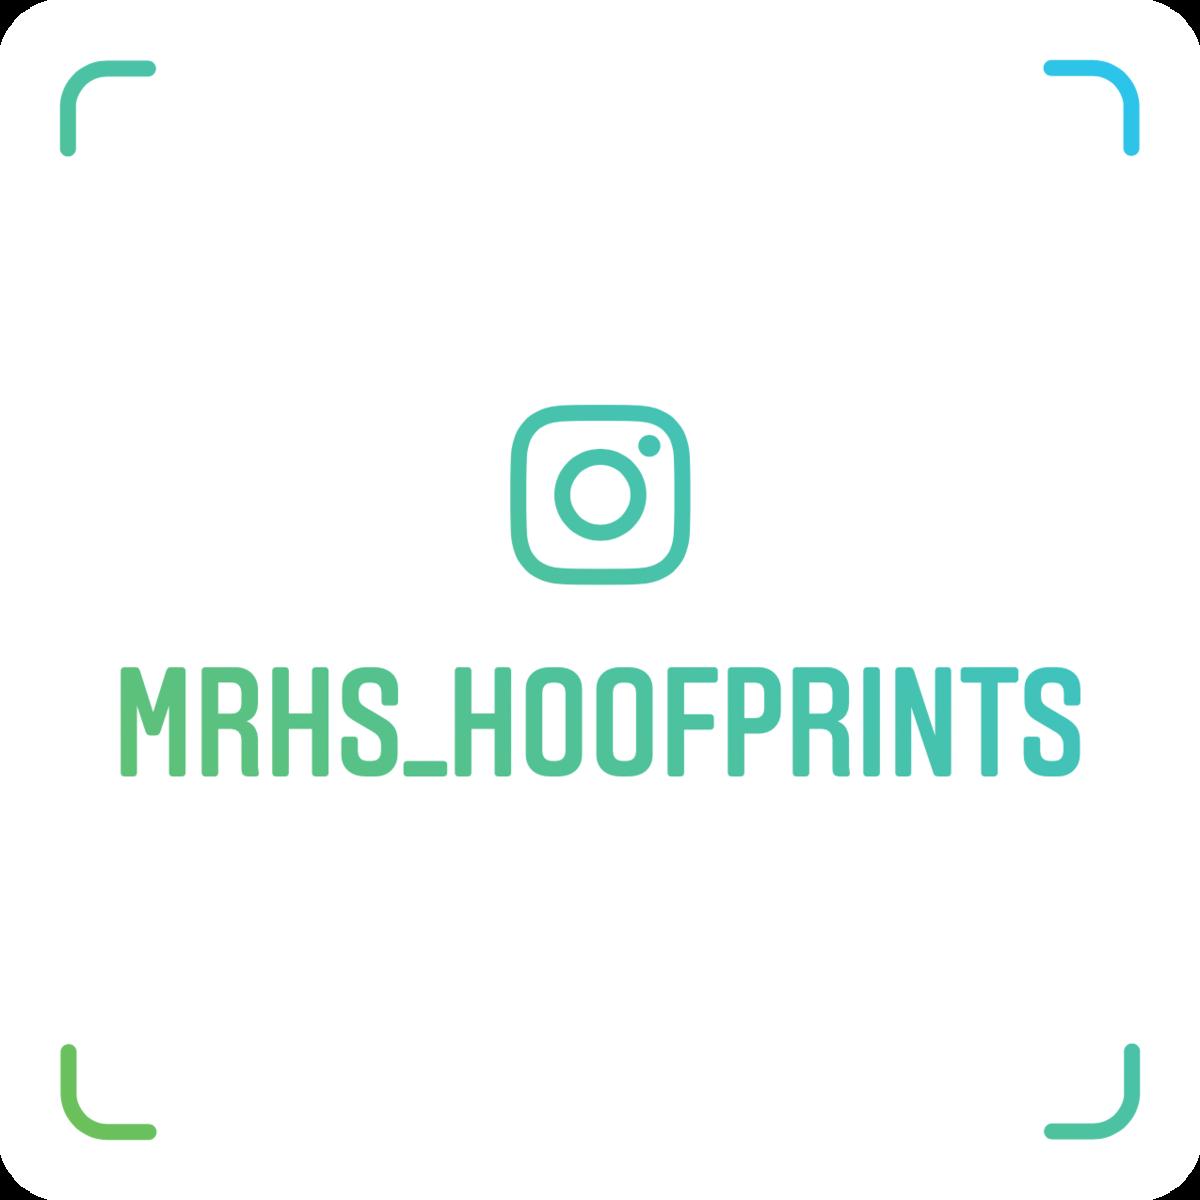 MRHS Hoofprints Instagram Nametag @MRHS_Hoofprints